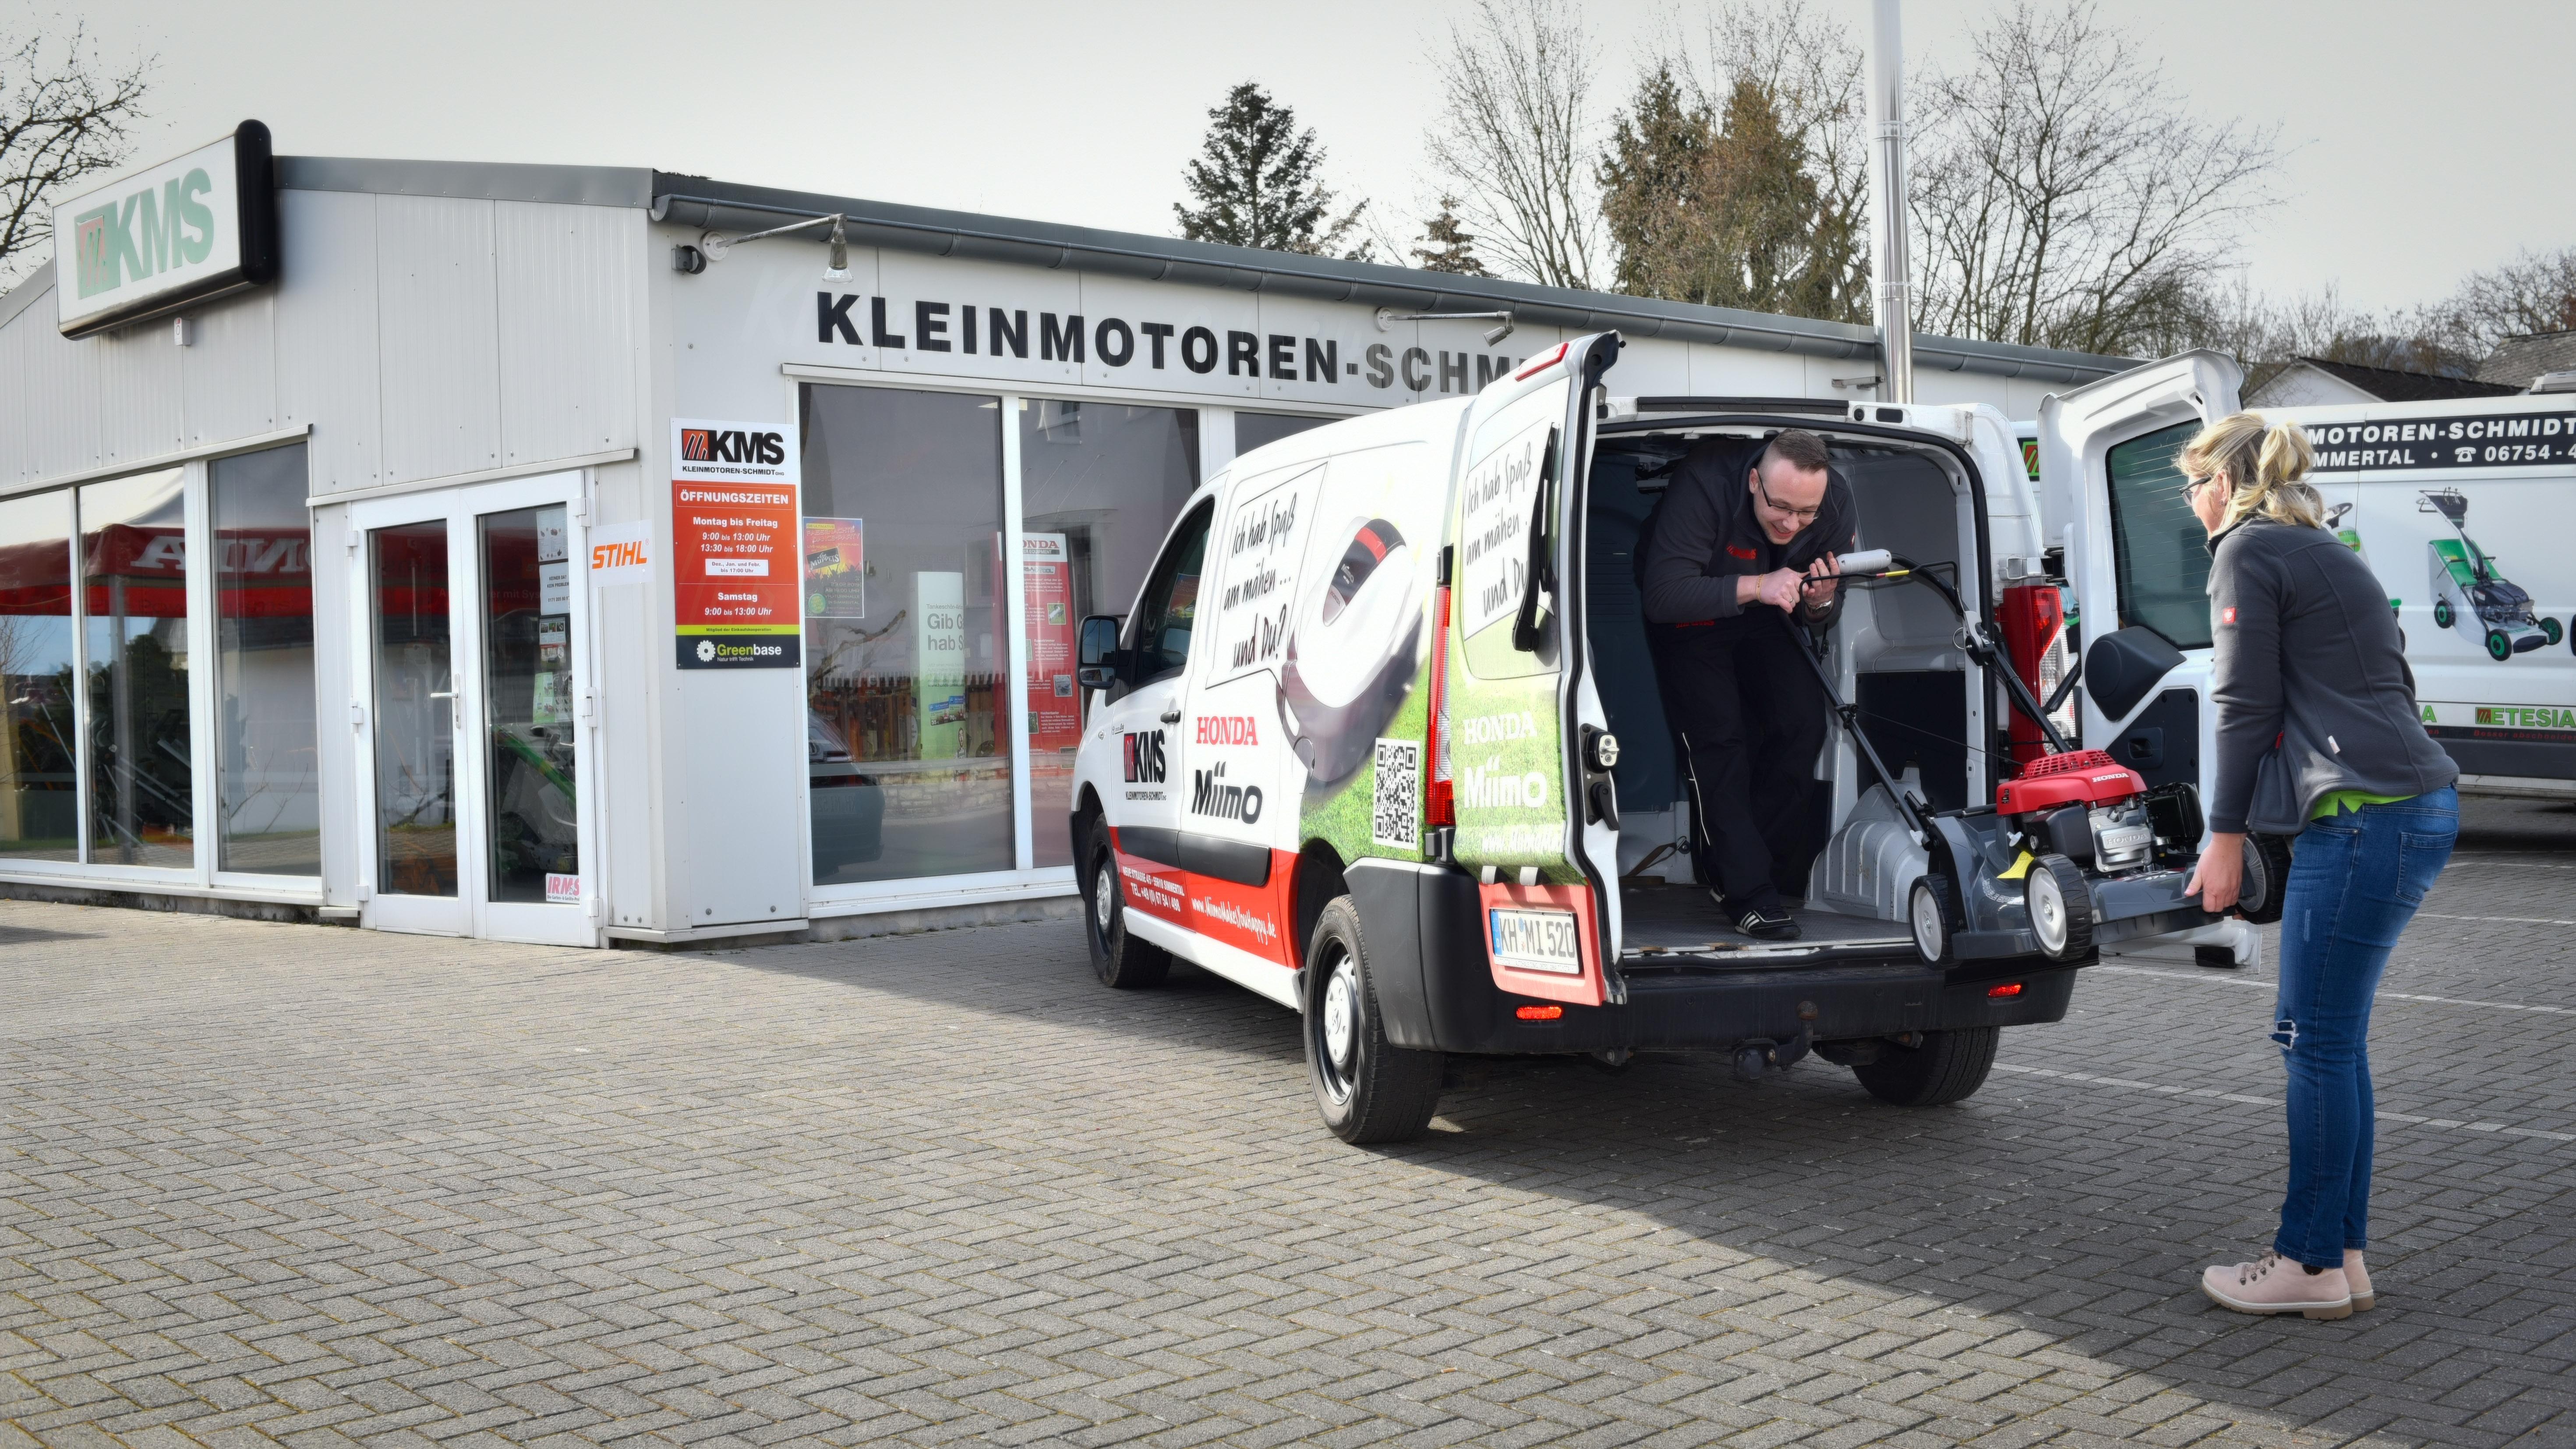 Kleinmotoren-Schmidt OHG